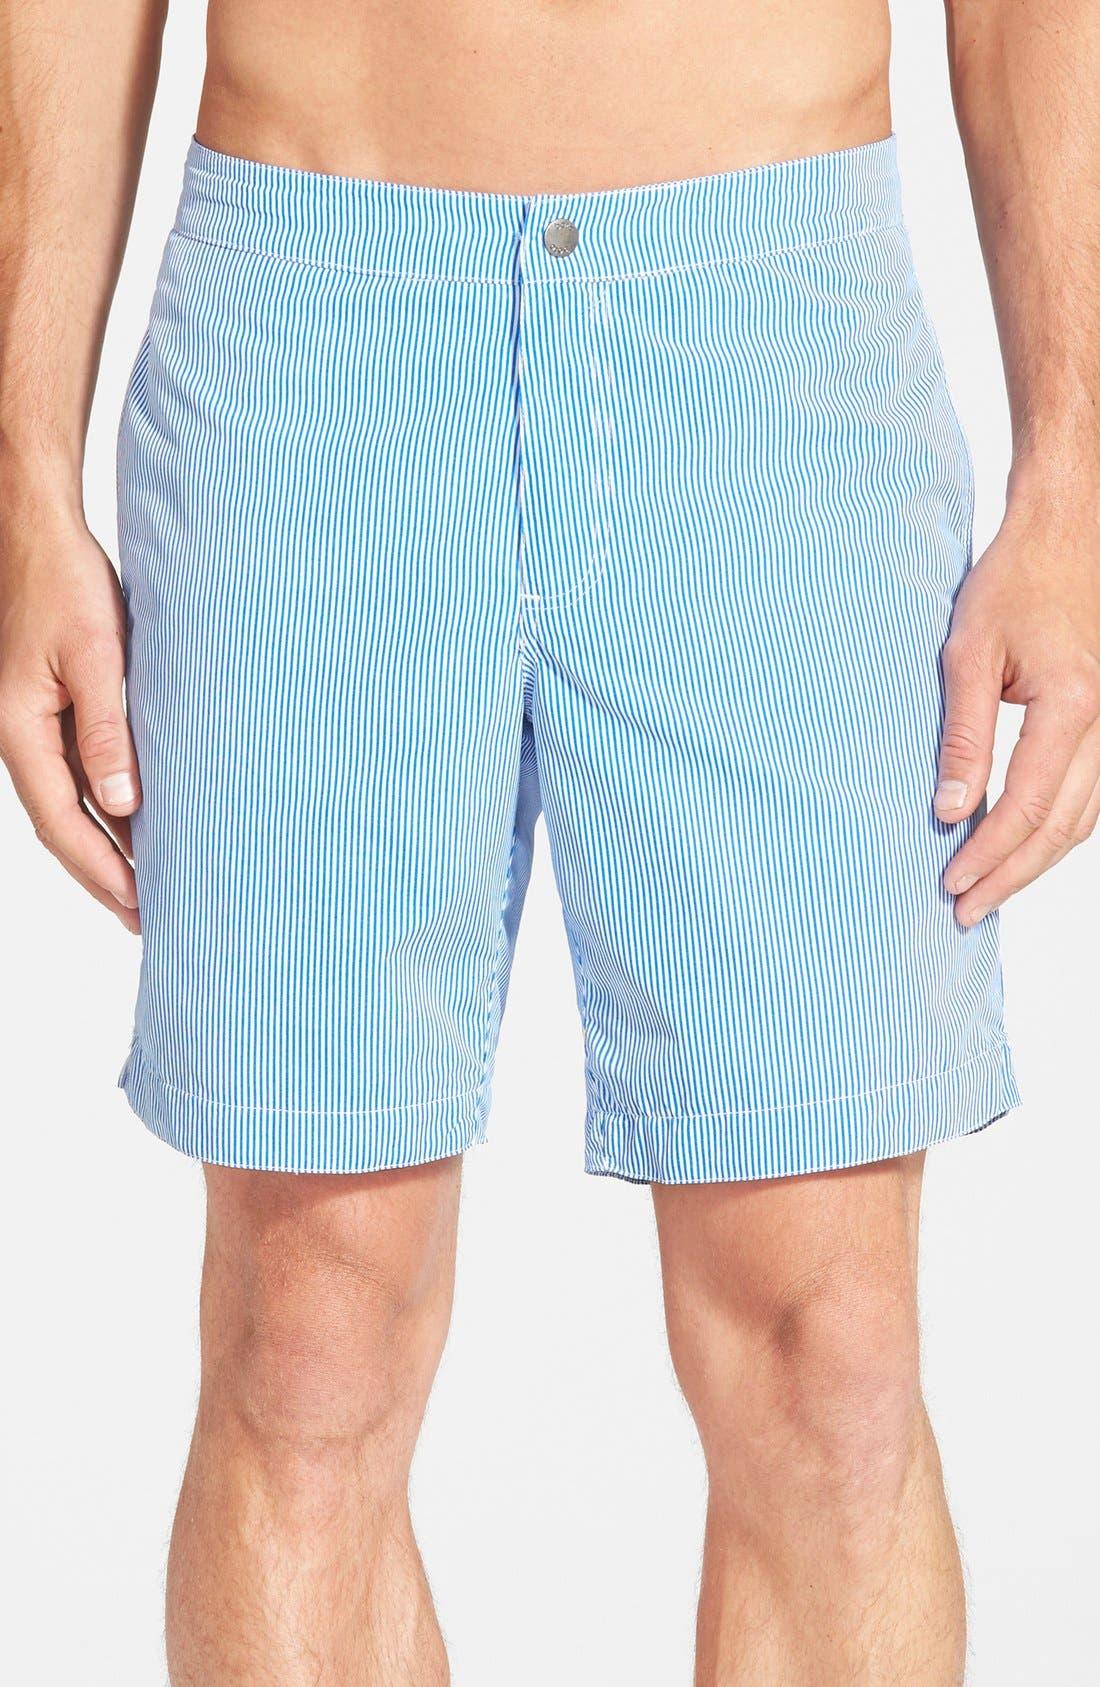 'Aruba - Stripe' Tailored Fit 8.5 Inch Board Shorts,                         Main,                         color, 400